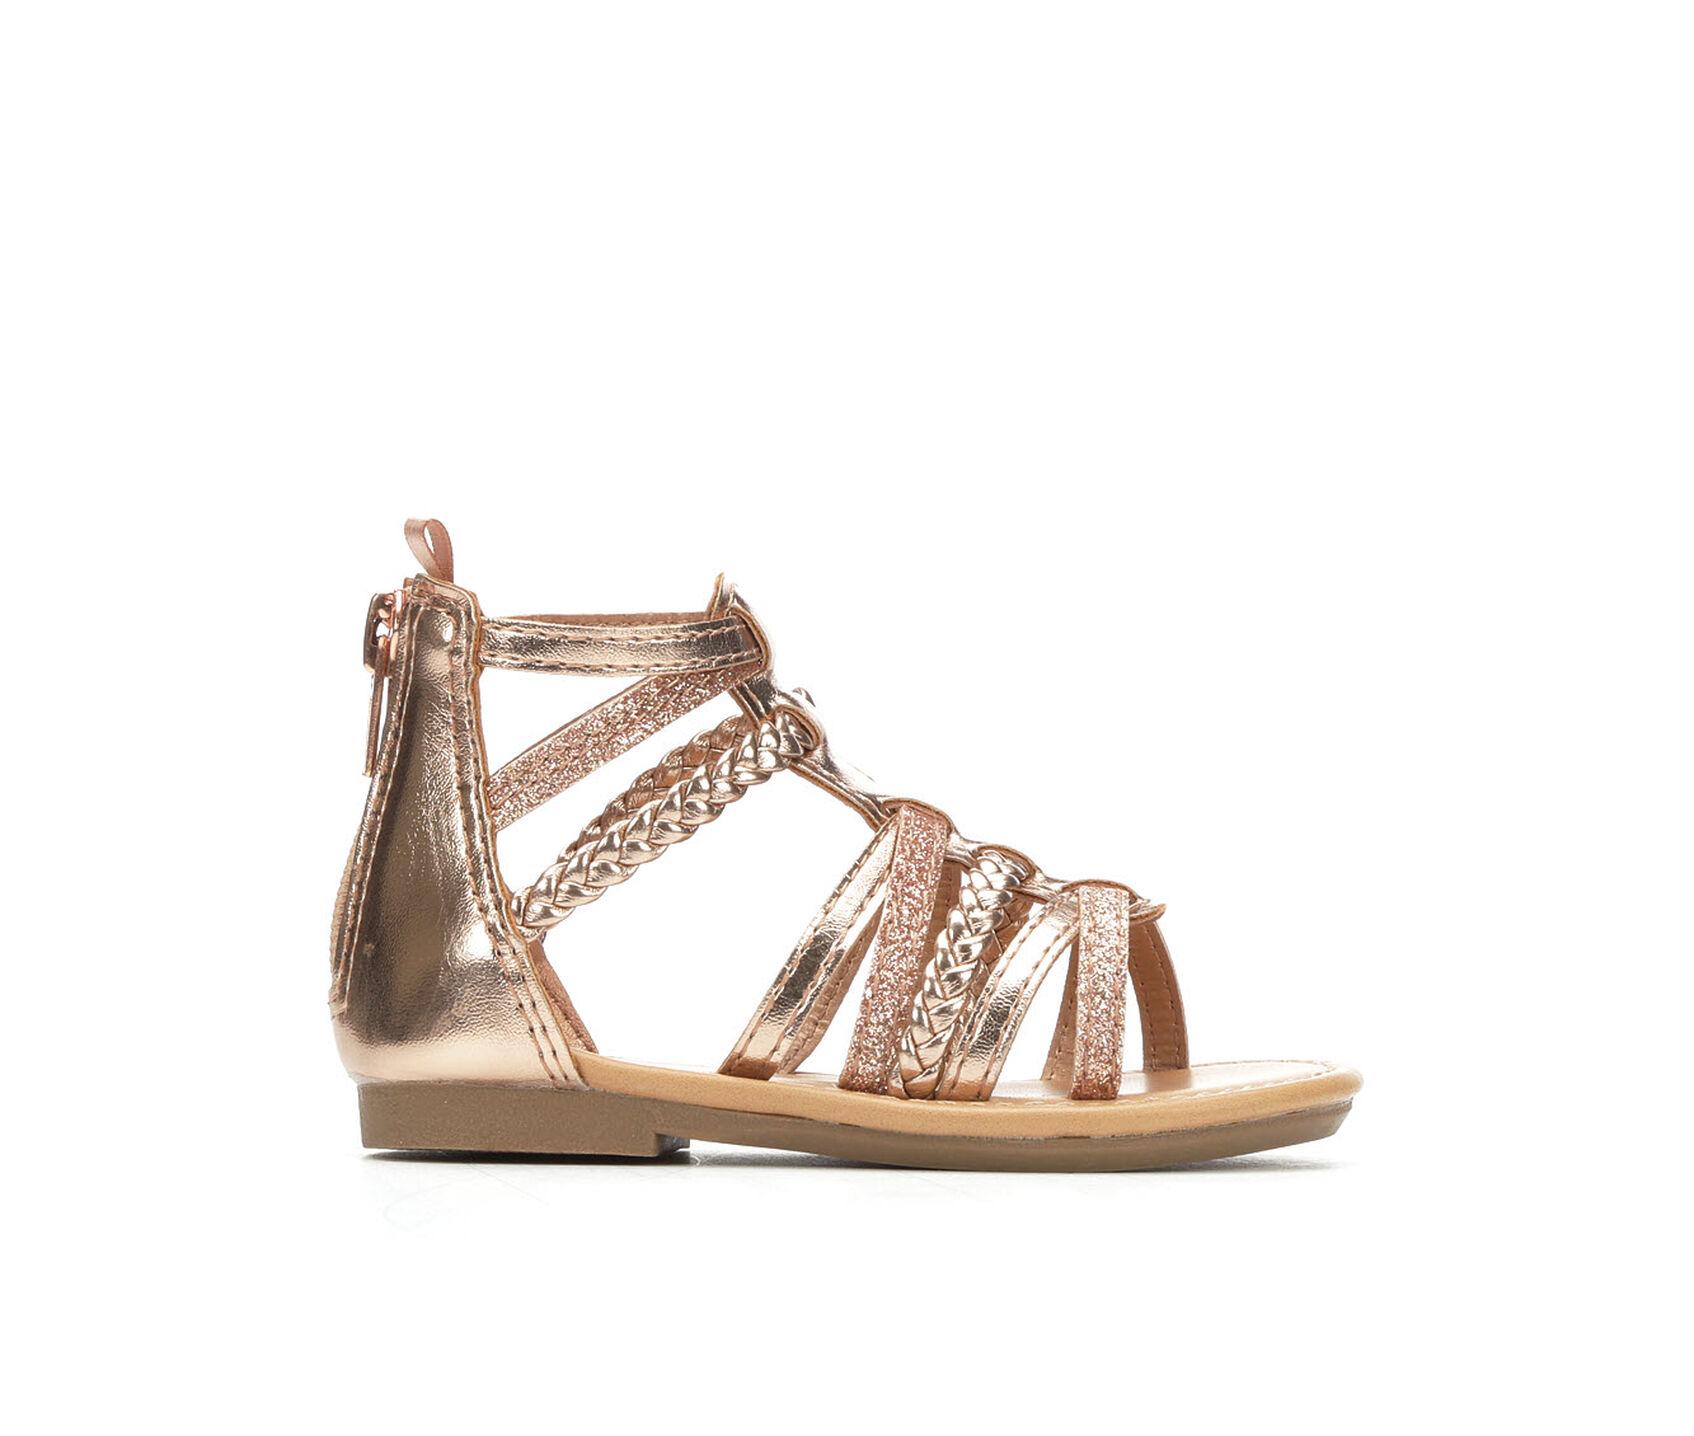 a65ef364de23 Girls' Carters Toddler & Little Kid Fenna Gladiator Sandals | Shoe ...